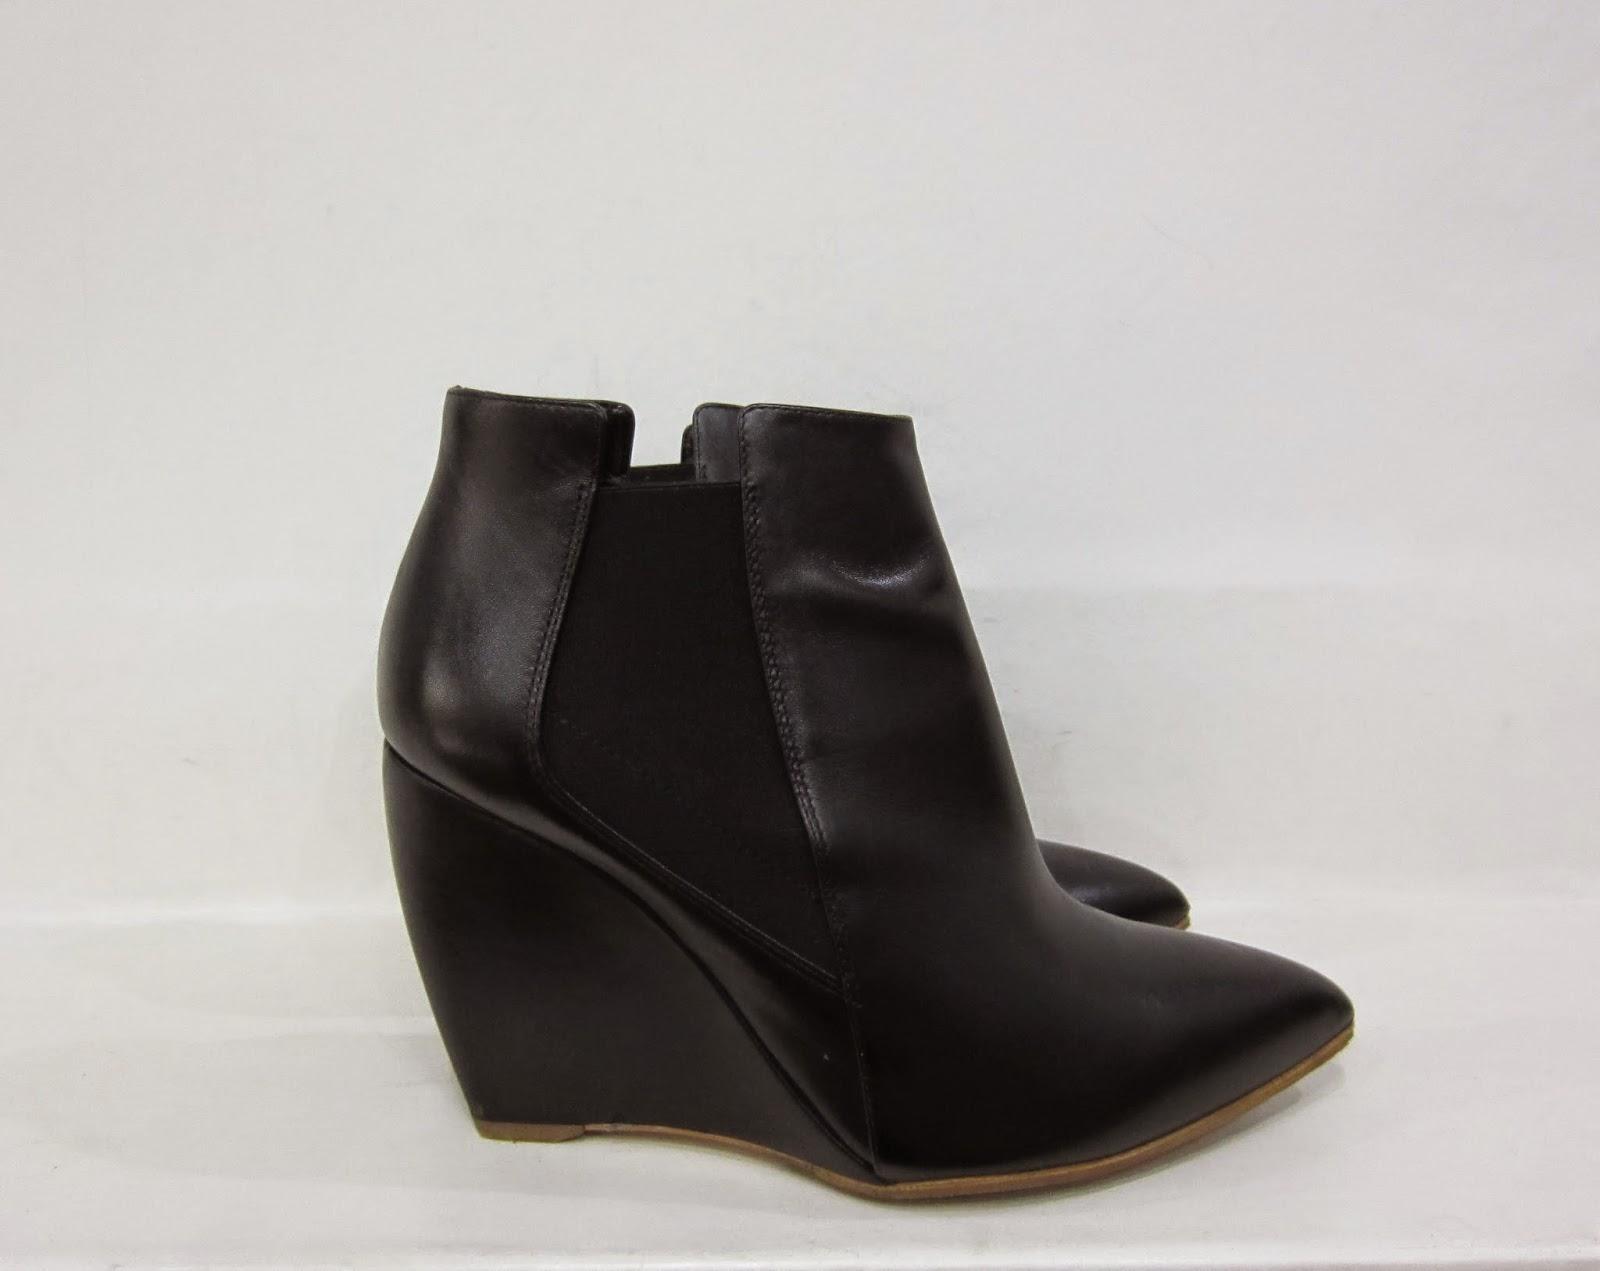 Rupert Sanderson Black Wedge Heel Boots